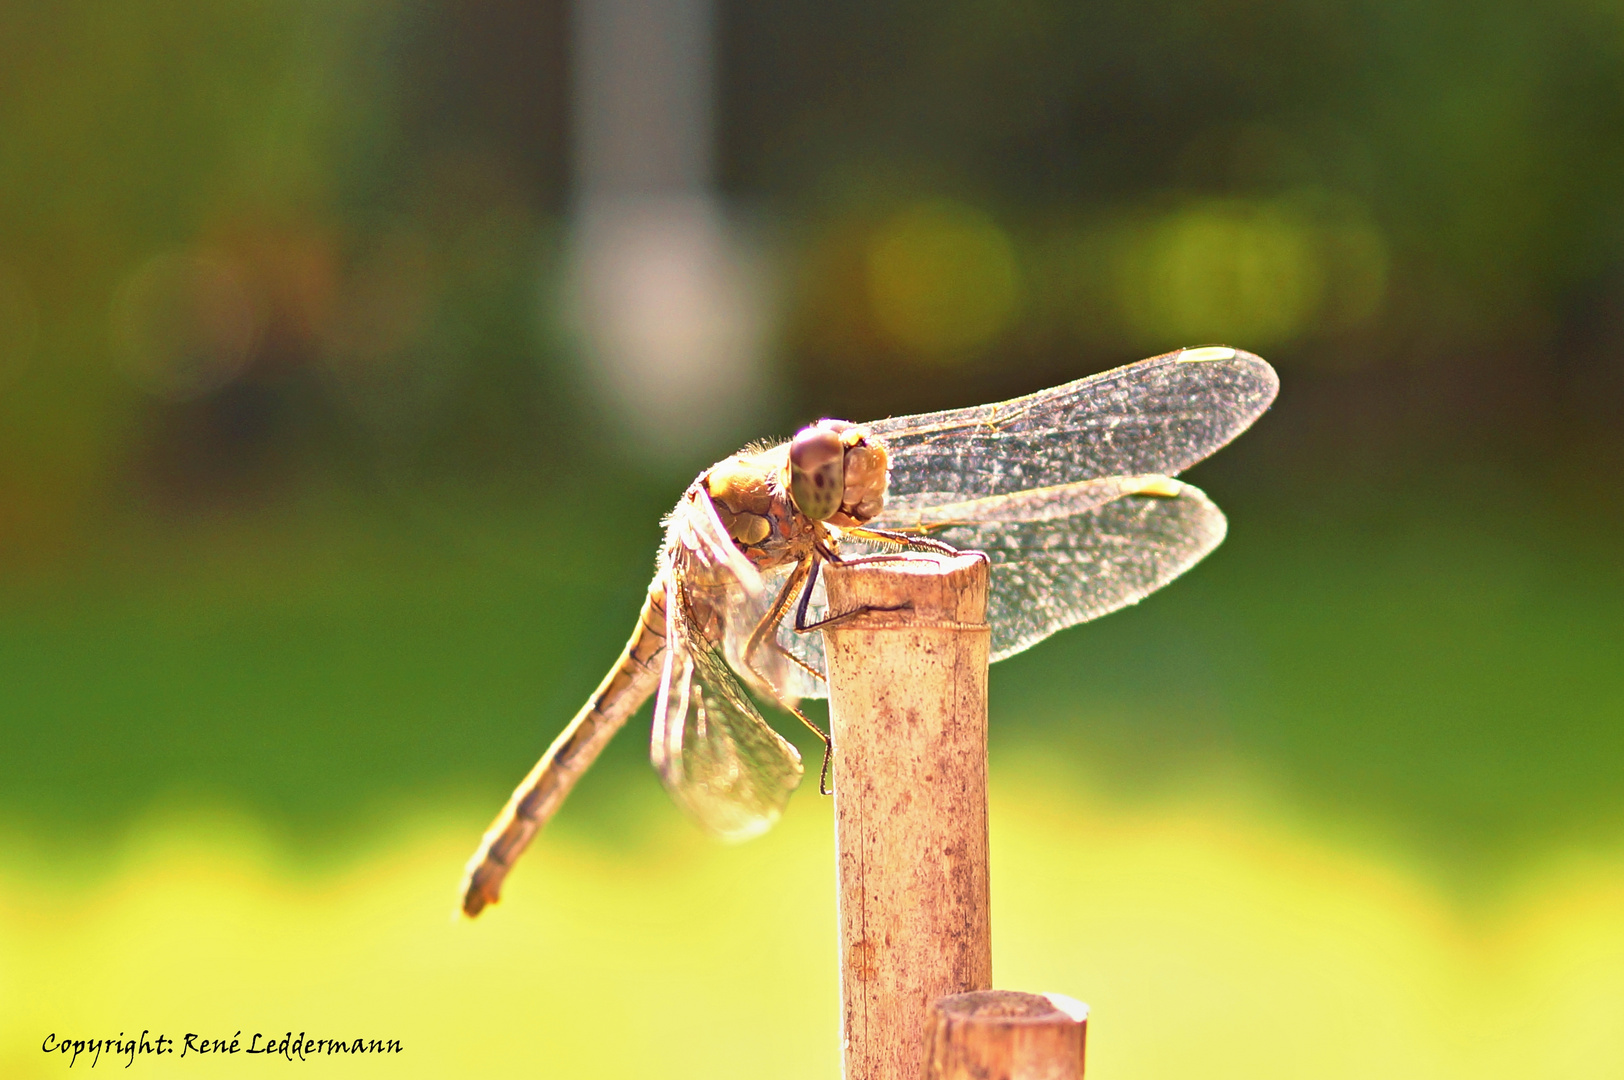 Libelle im Sonnenlicht